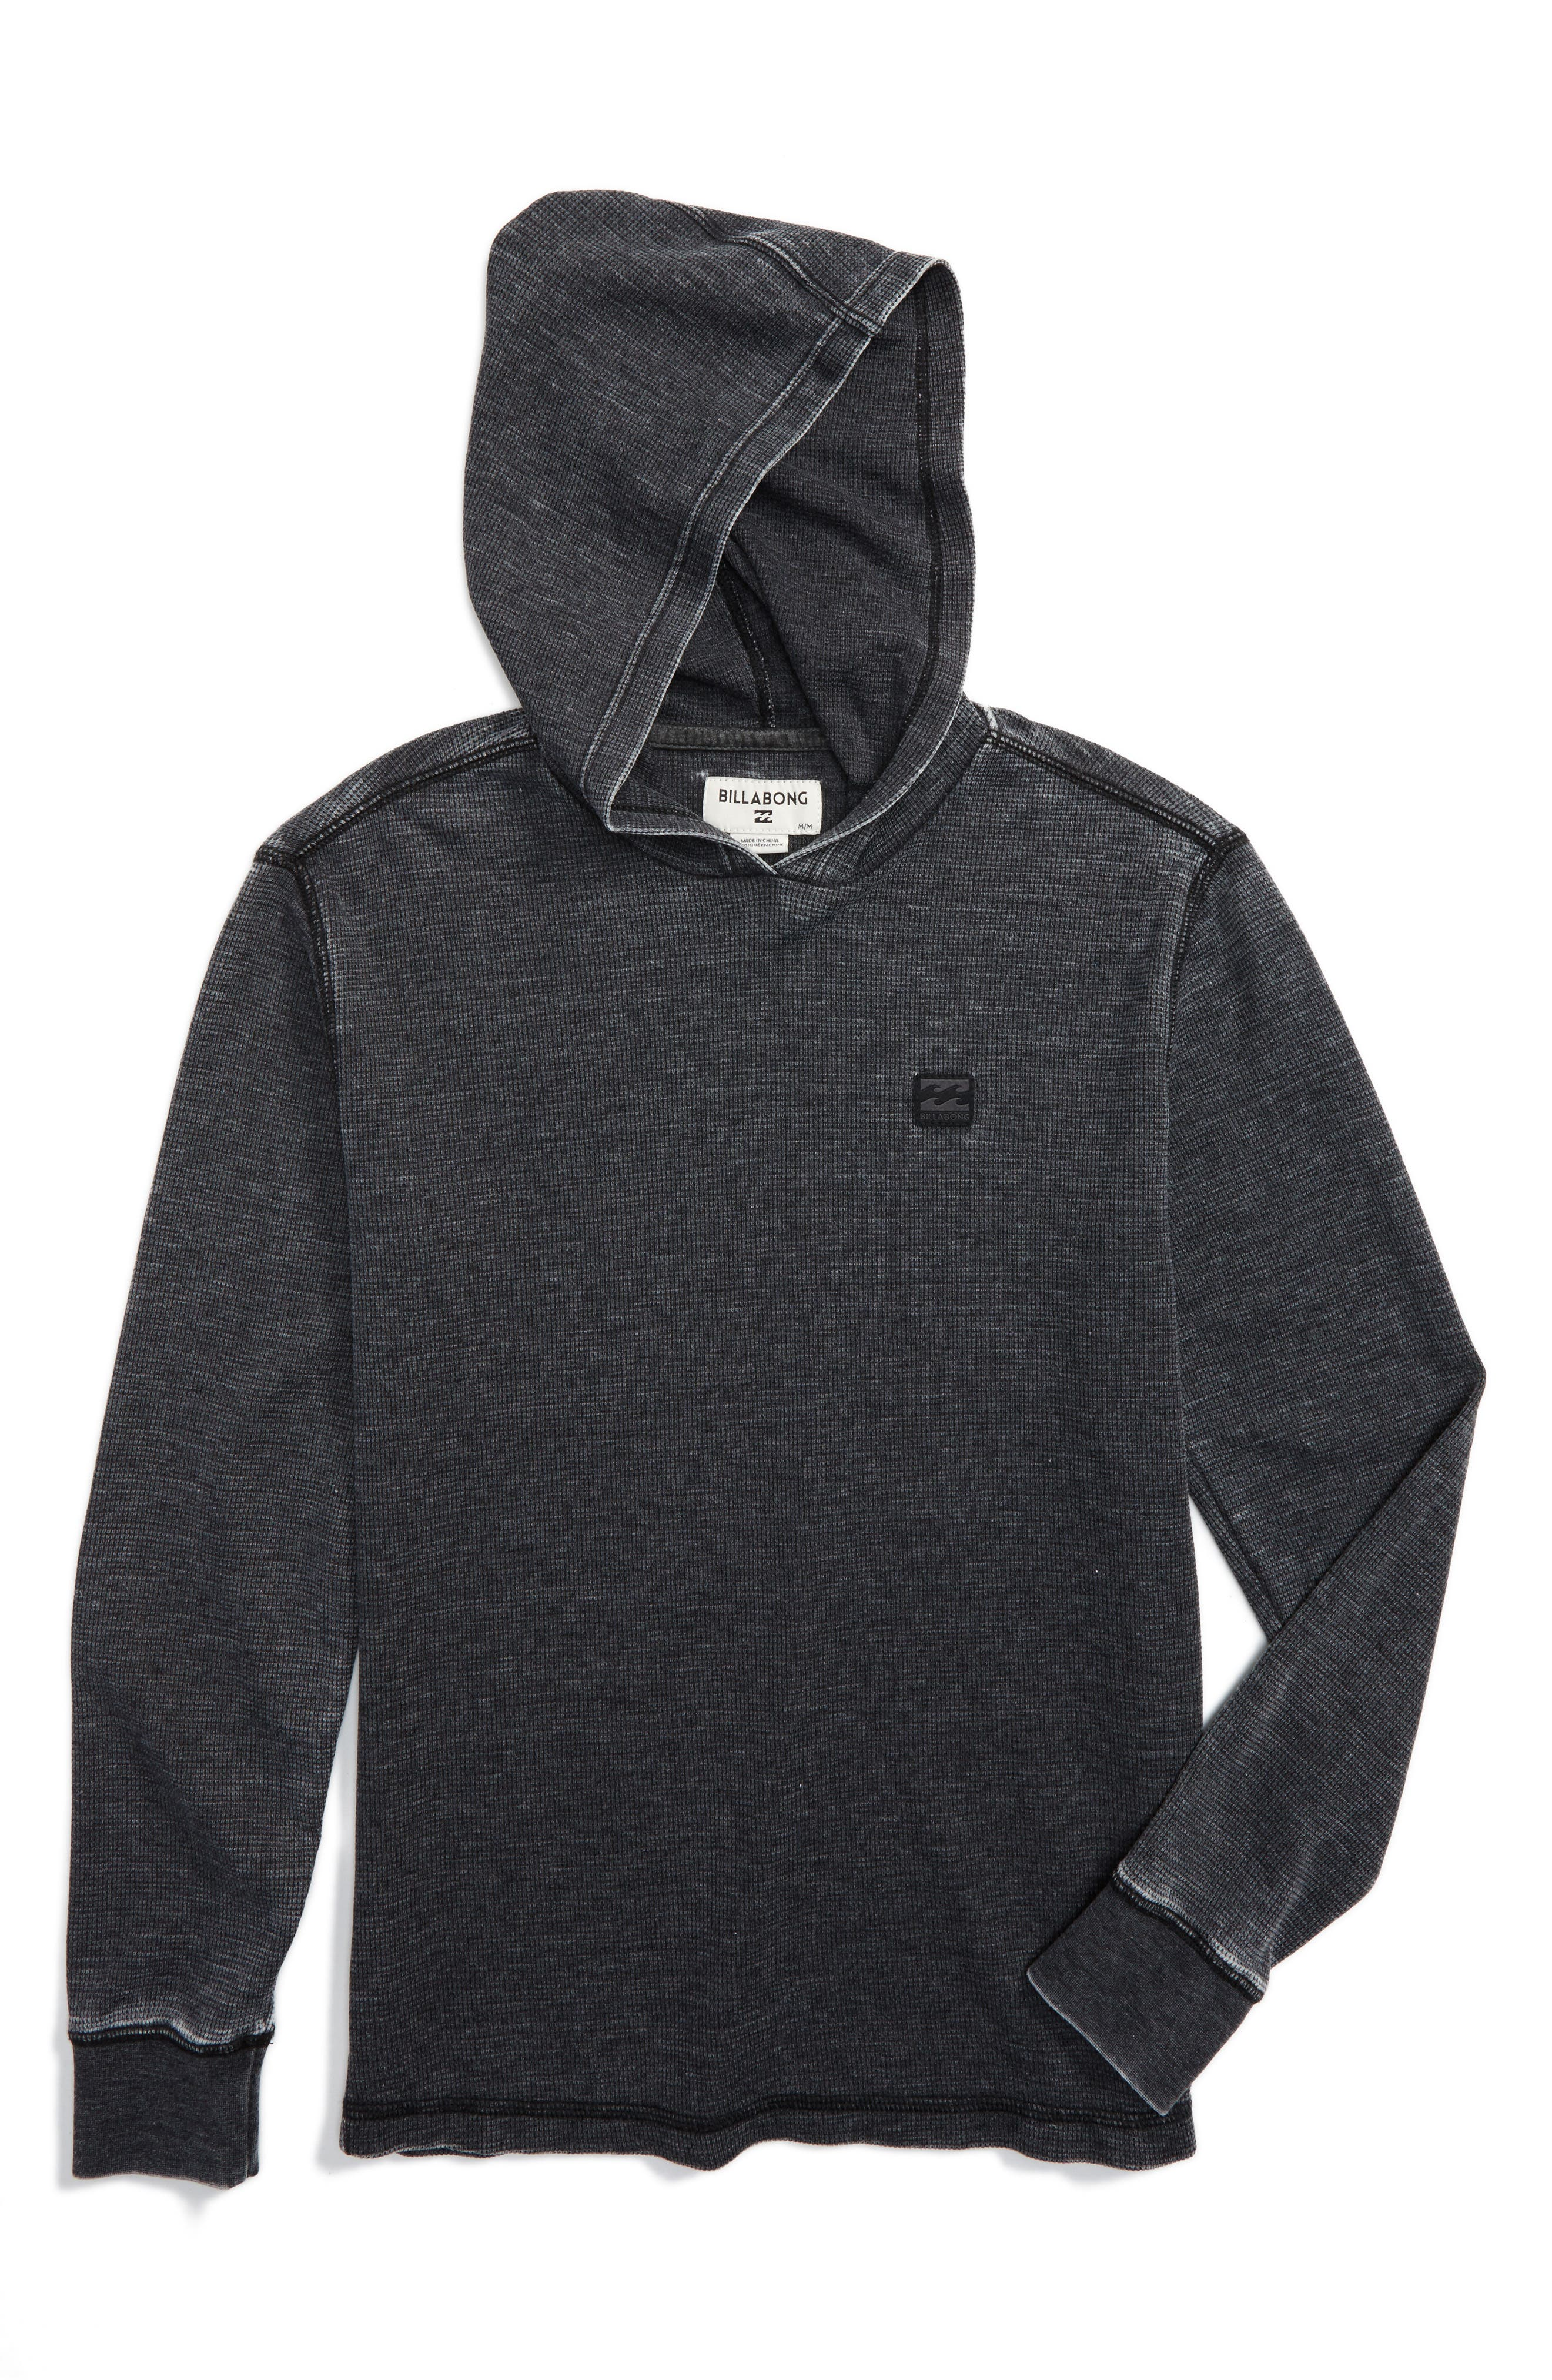 BILLABONG Keystone Thermal Pullover Hoodie